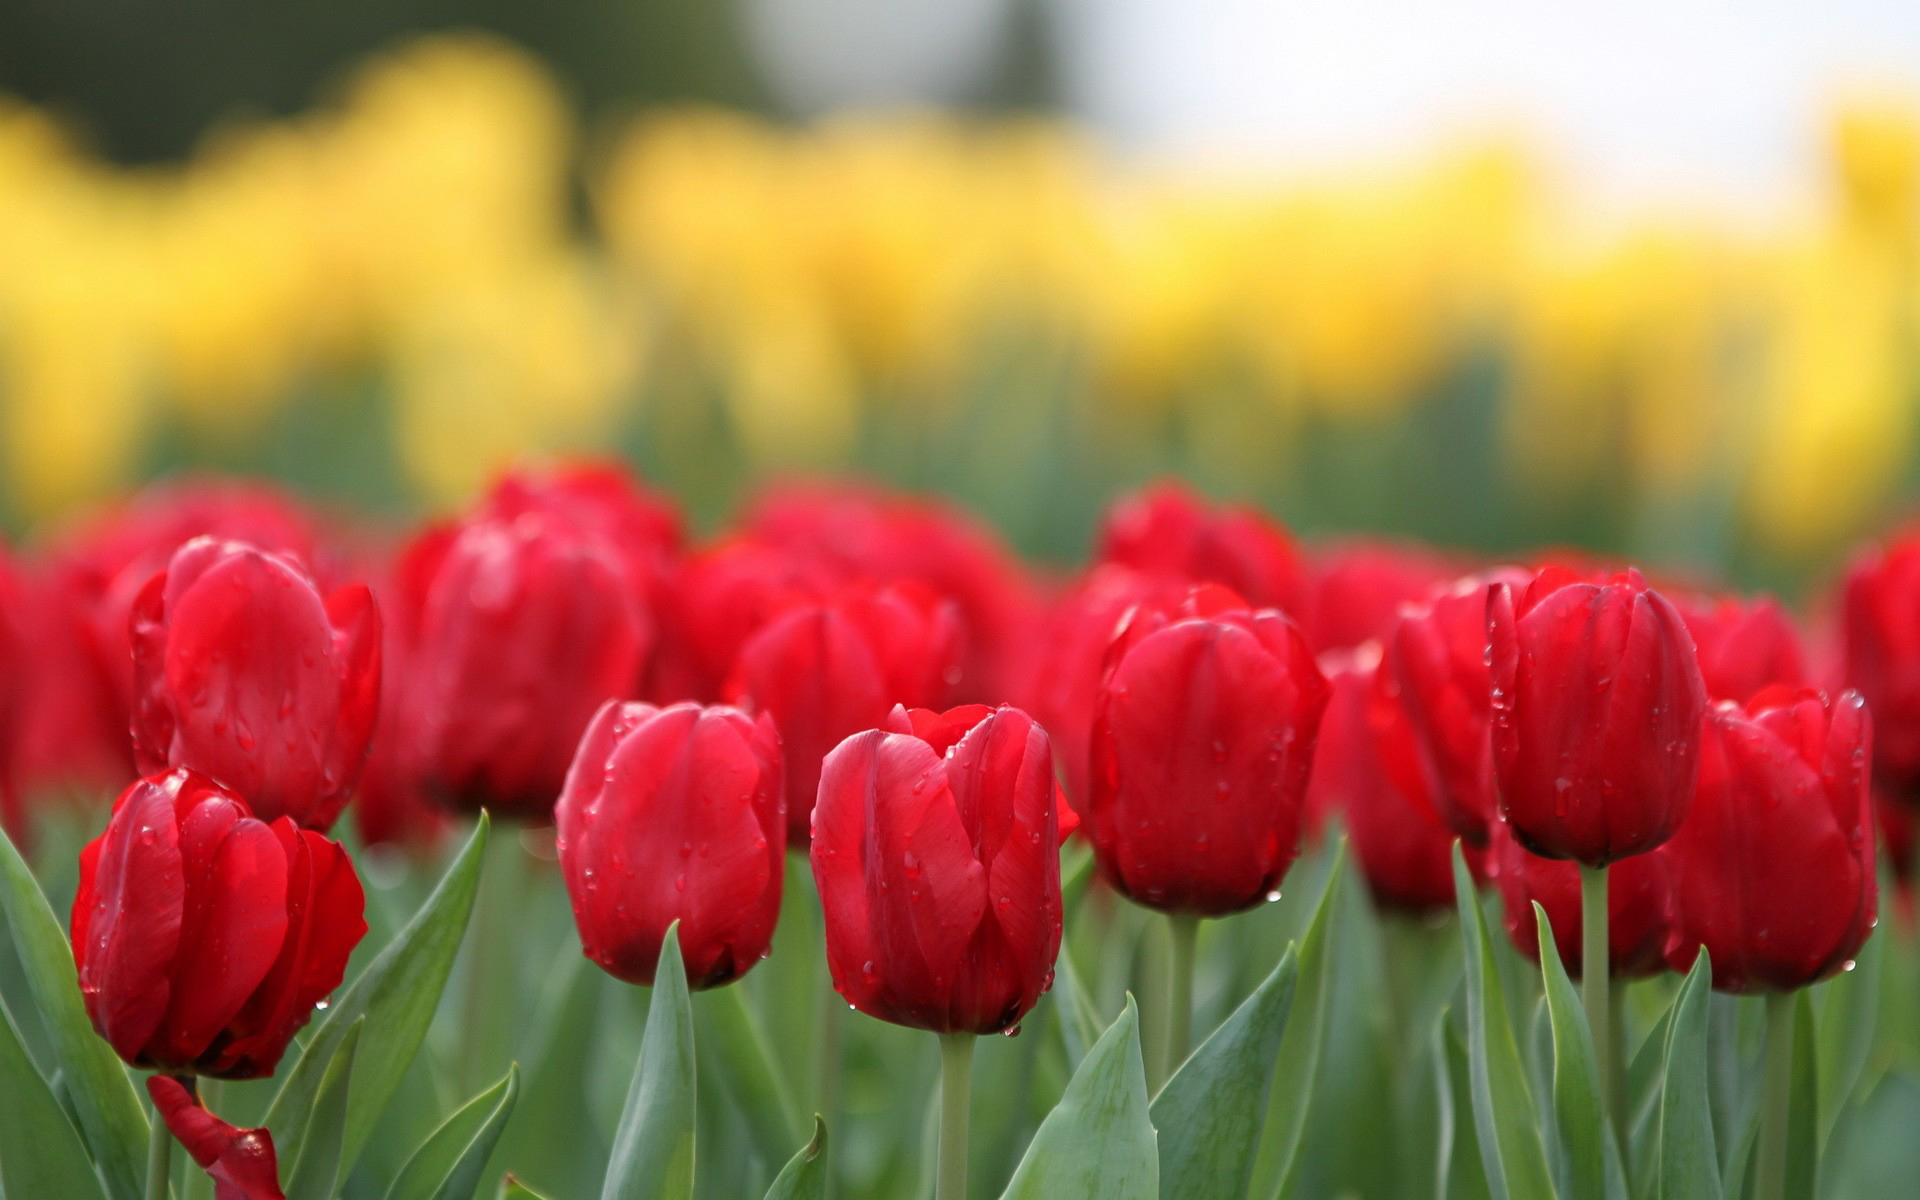 для начала тюльпаны фото картинки высокого качества для любимой несмотря небольшую минусовую